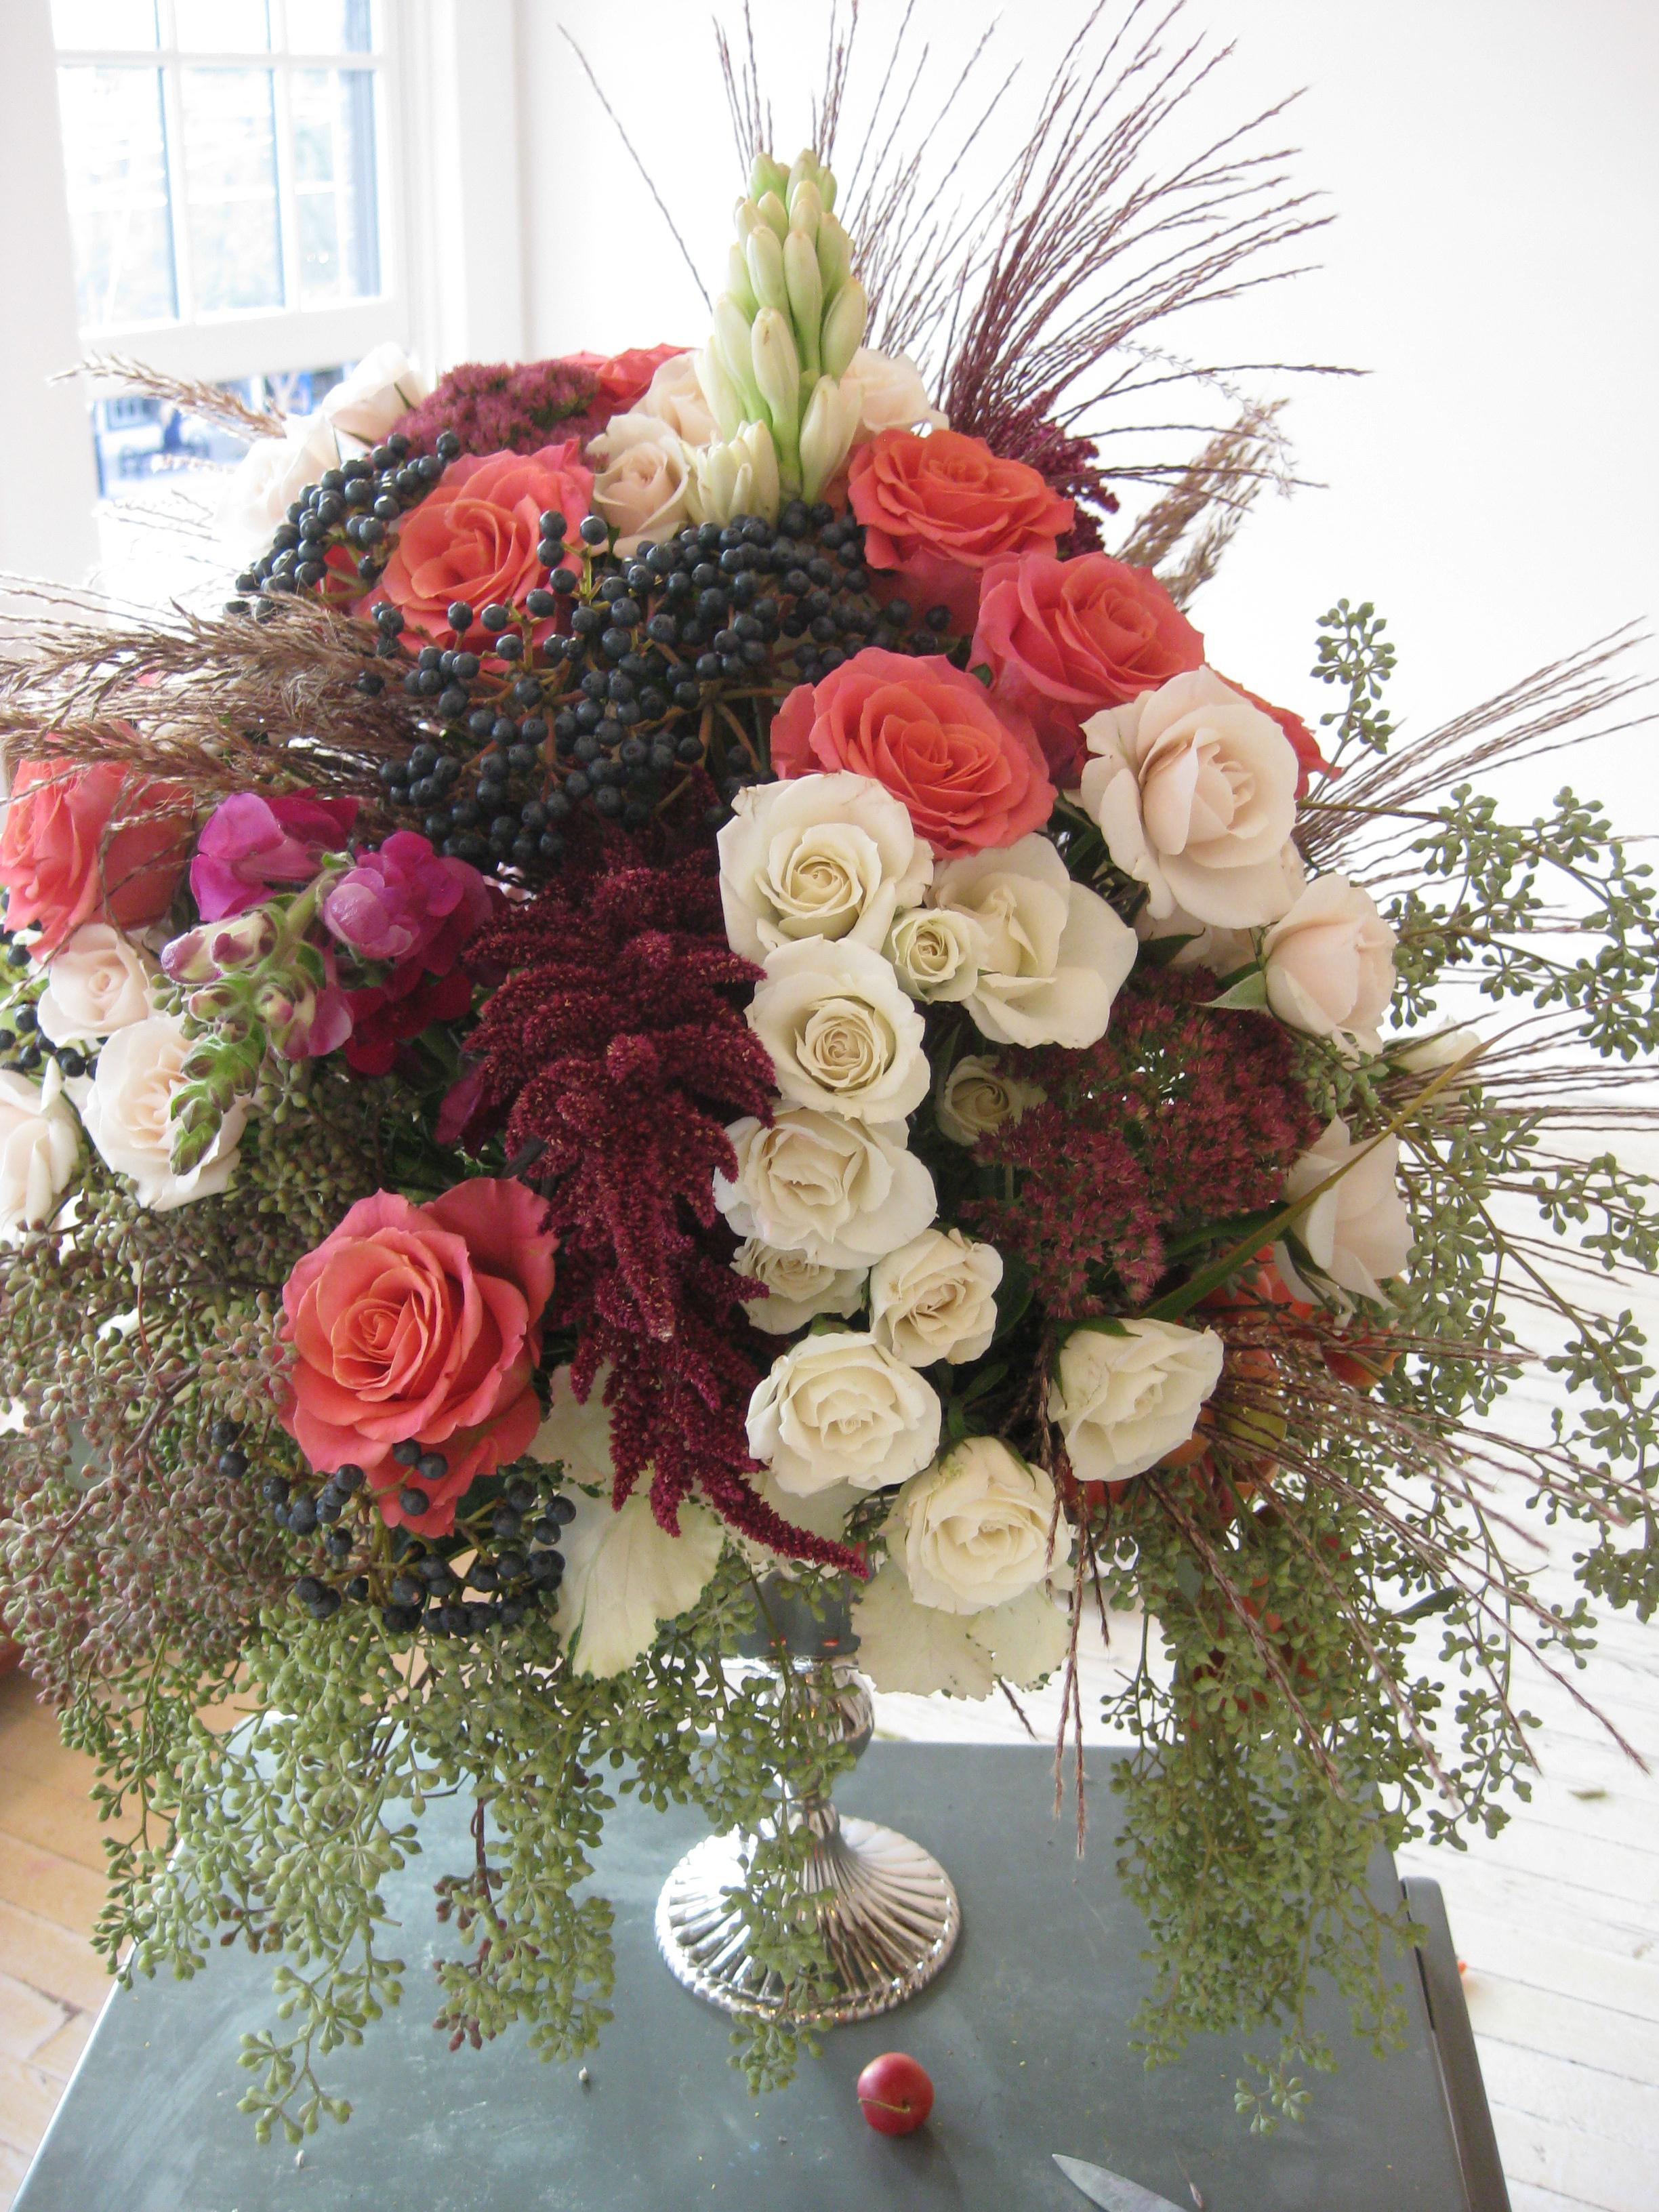 Flowers_HRHGiftSide1.jpg